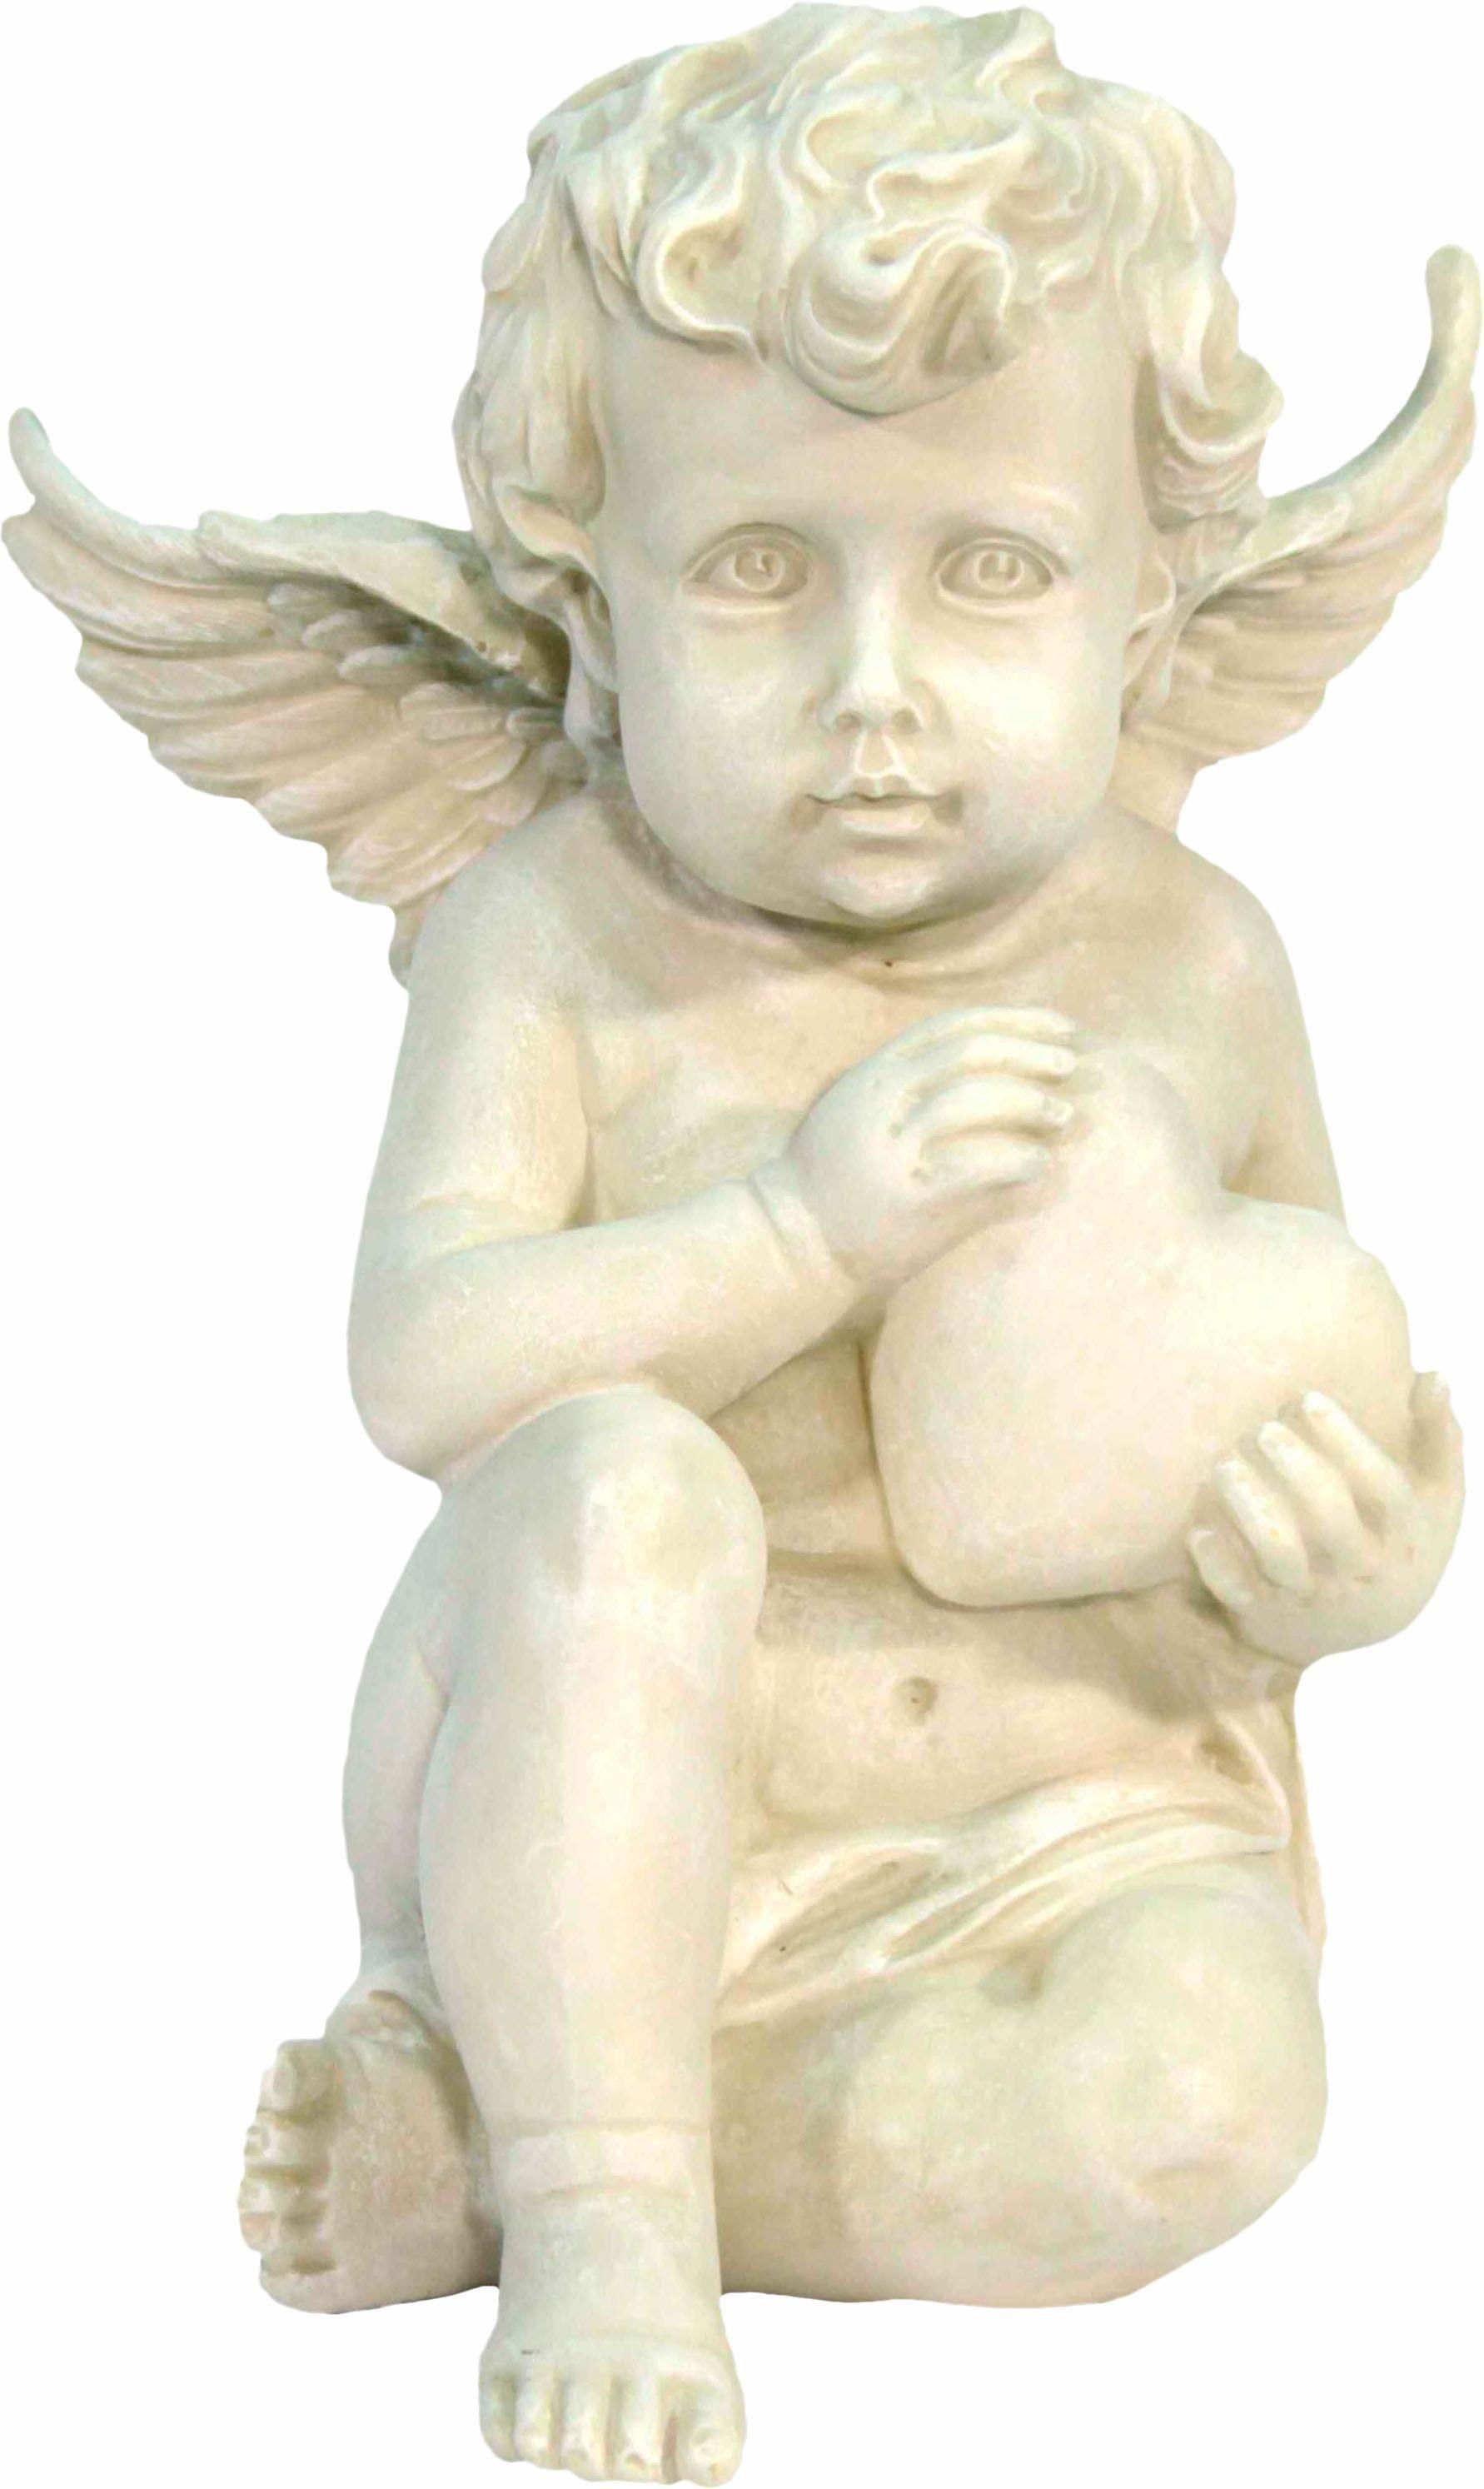 Home affaire Dekofigur »Engel sitzend mit Herz in den Händen, H 20 cm«